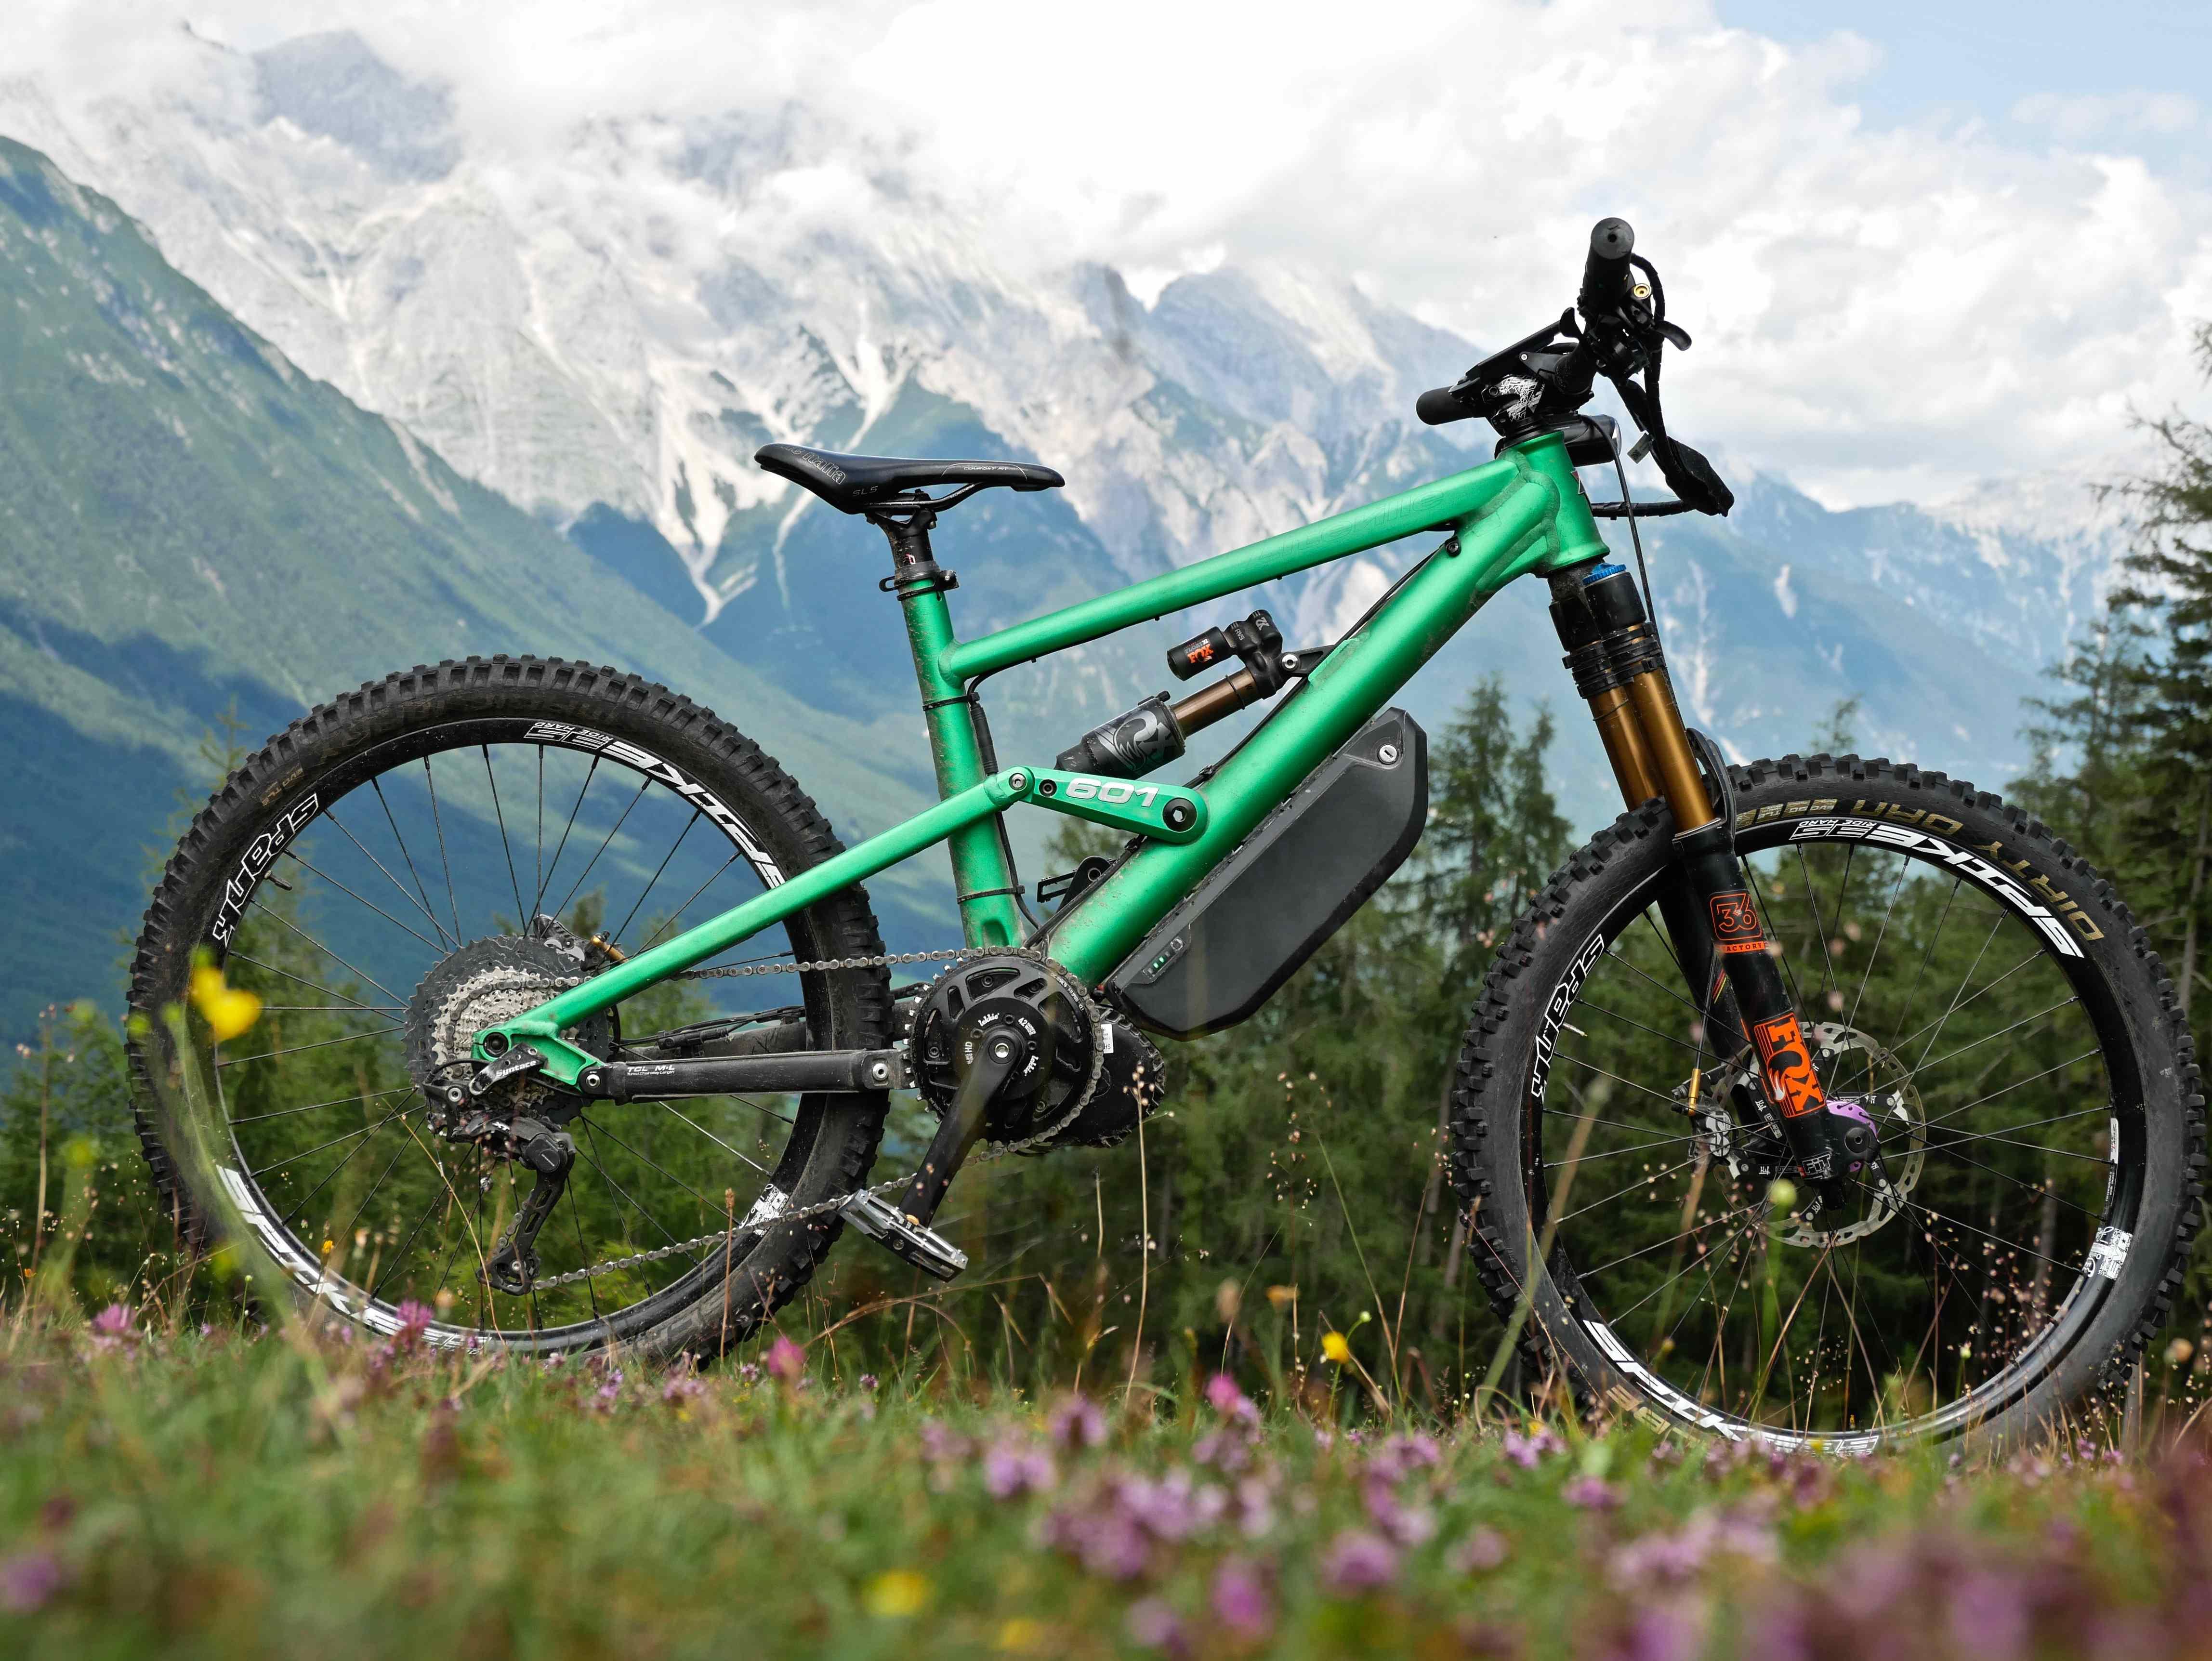 Bike-mit-Fasterbikes-bbshd-motor-akku